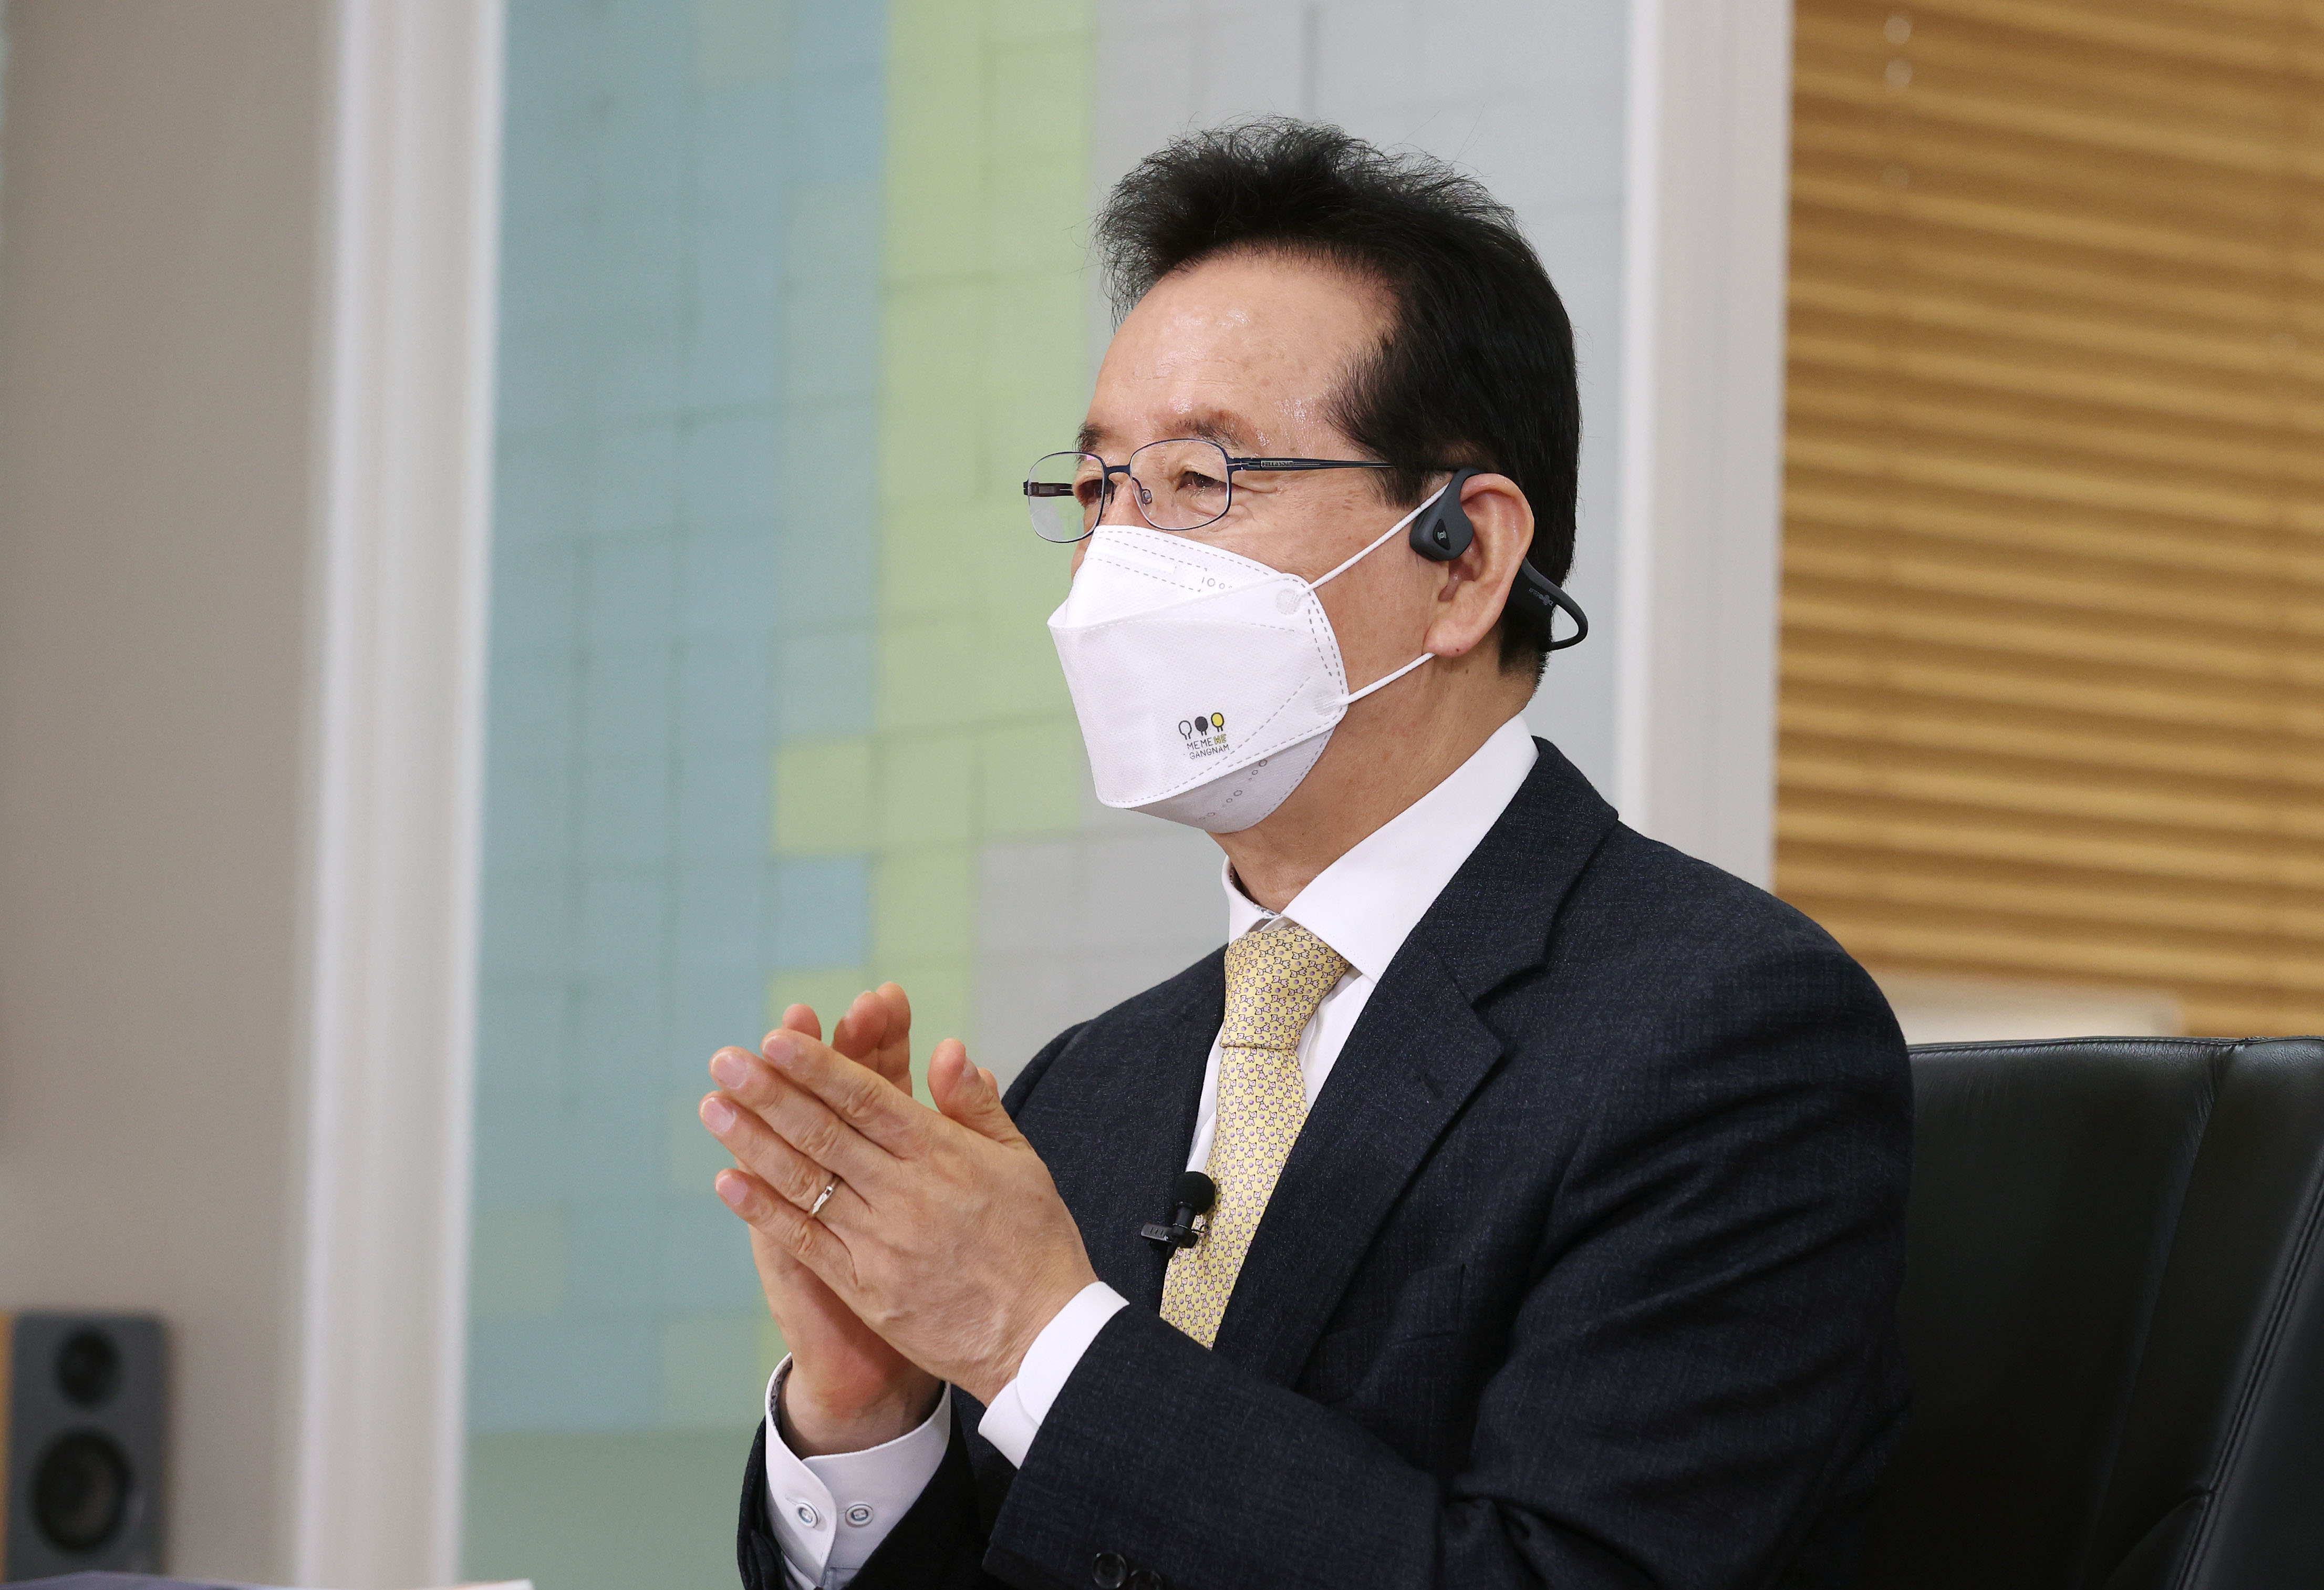 강남구, 13일 온택트 강연 '모두를 위한 코로나 회복: 연대와 협력의 힘' 진행